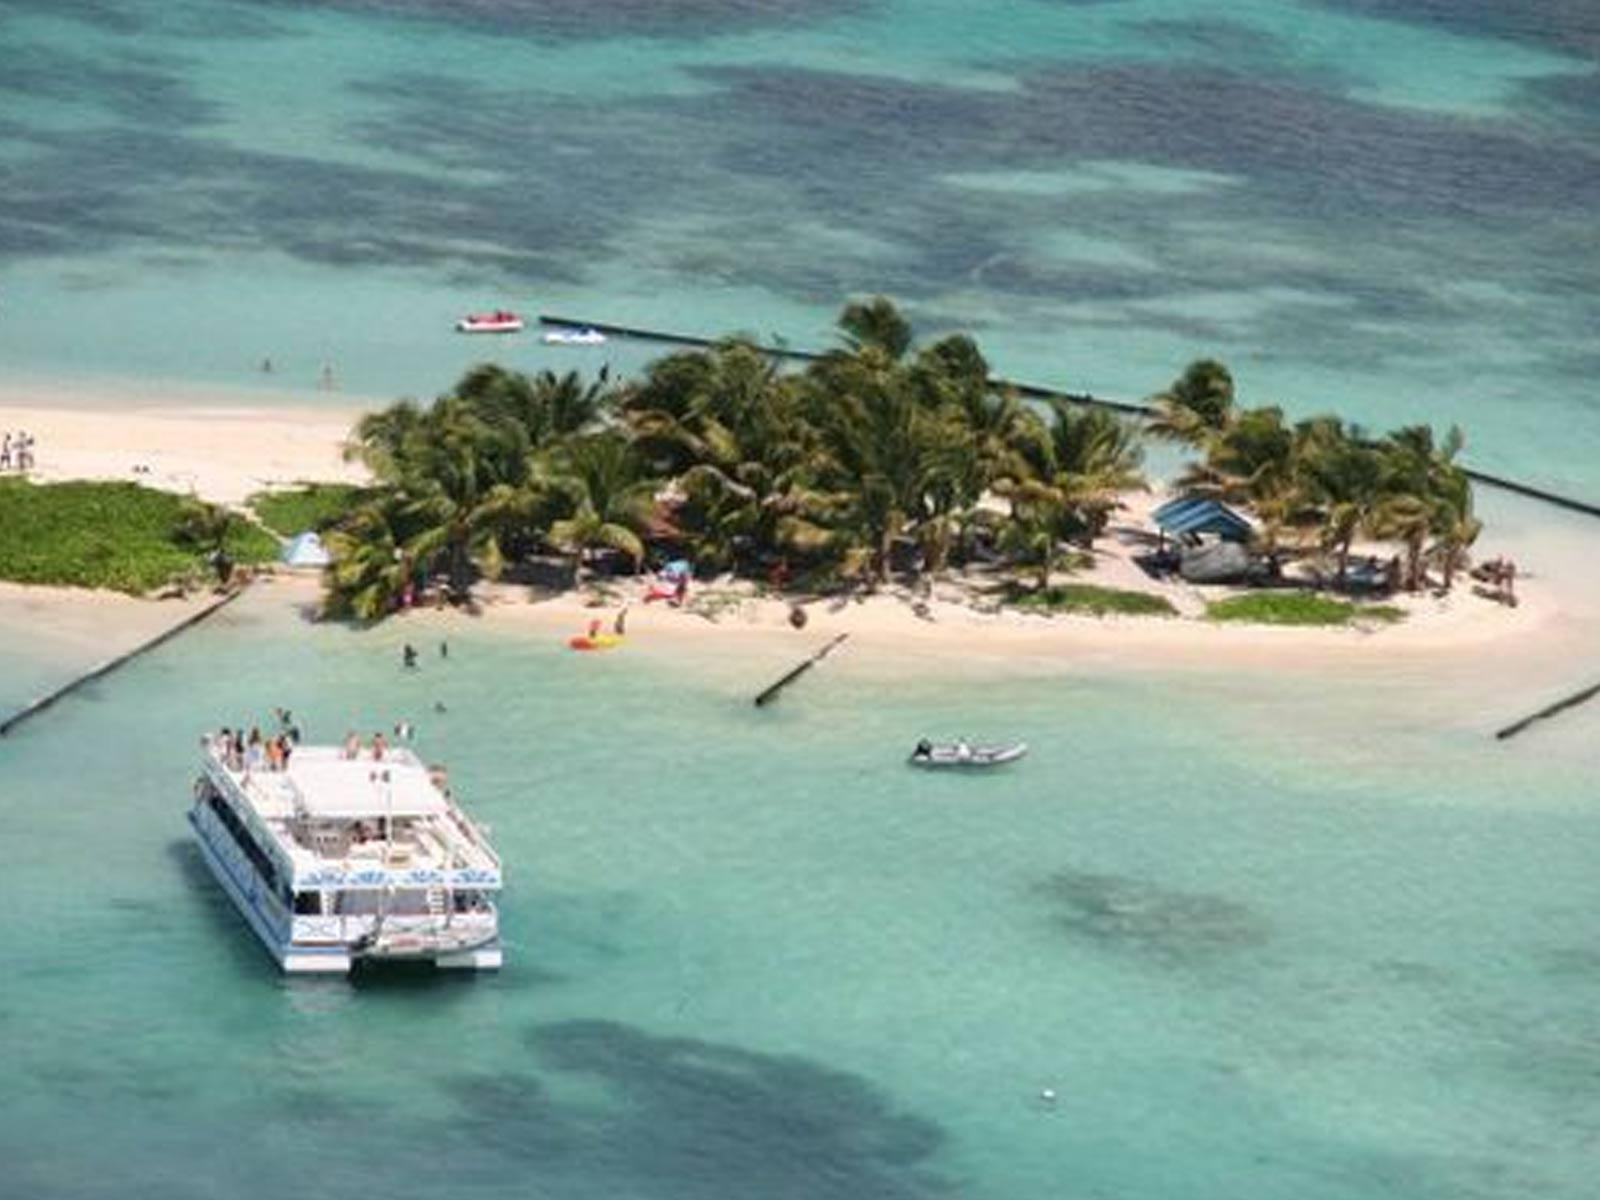 Ilet Caret 2008 - Guadeloupe